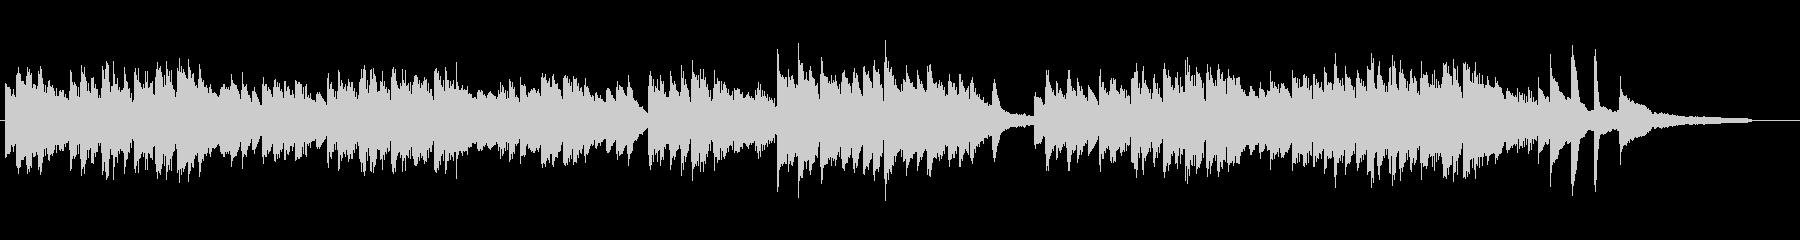 切ない/3拍子/ピアノソロの未再生の波形